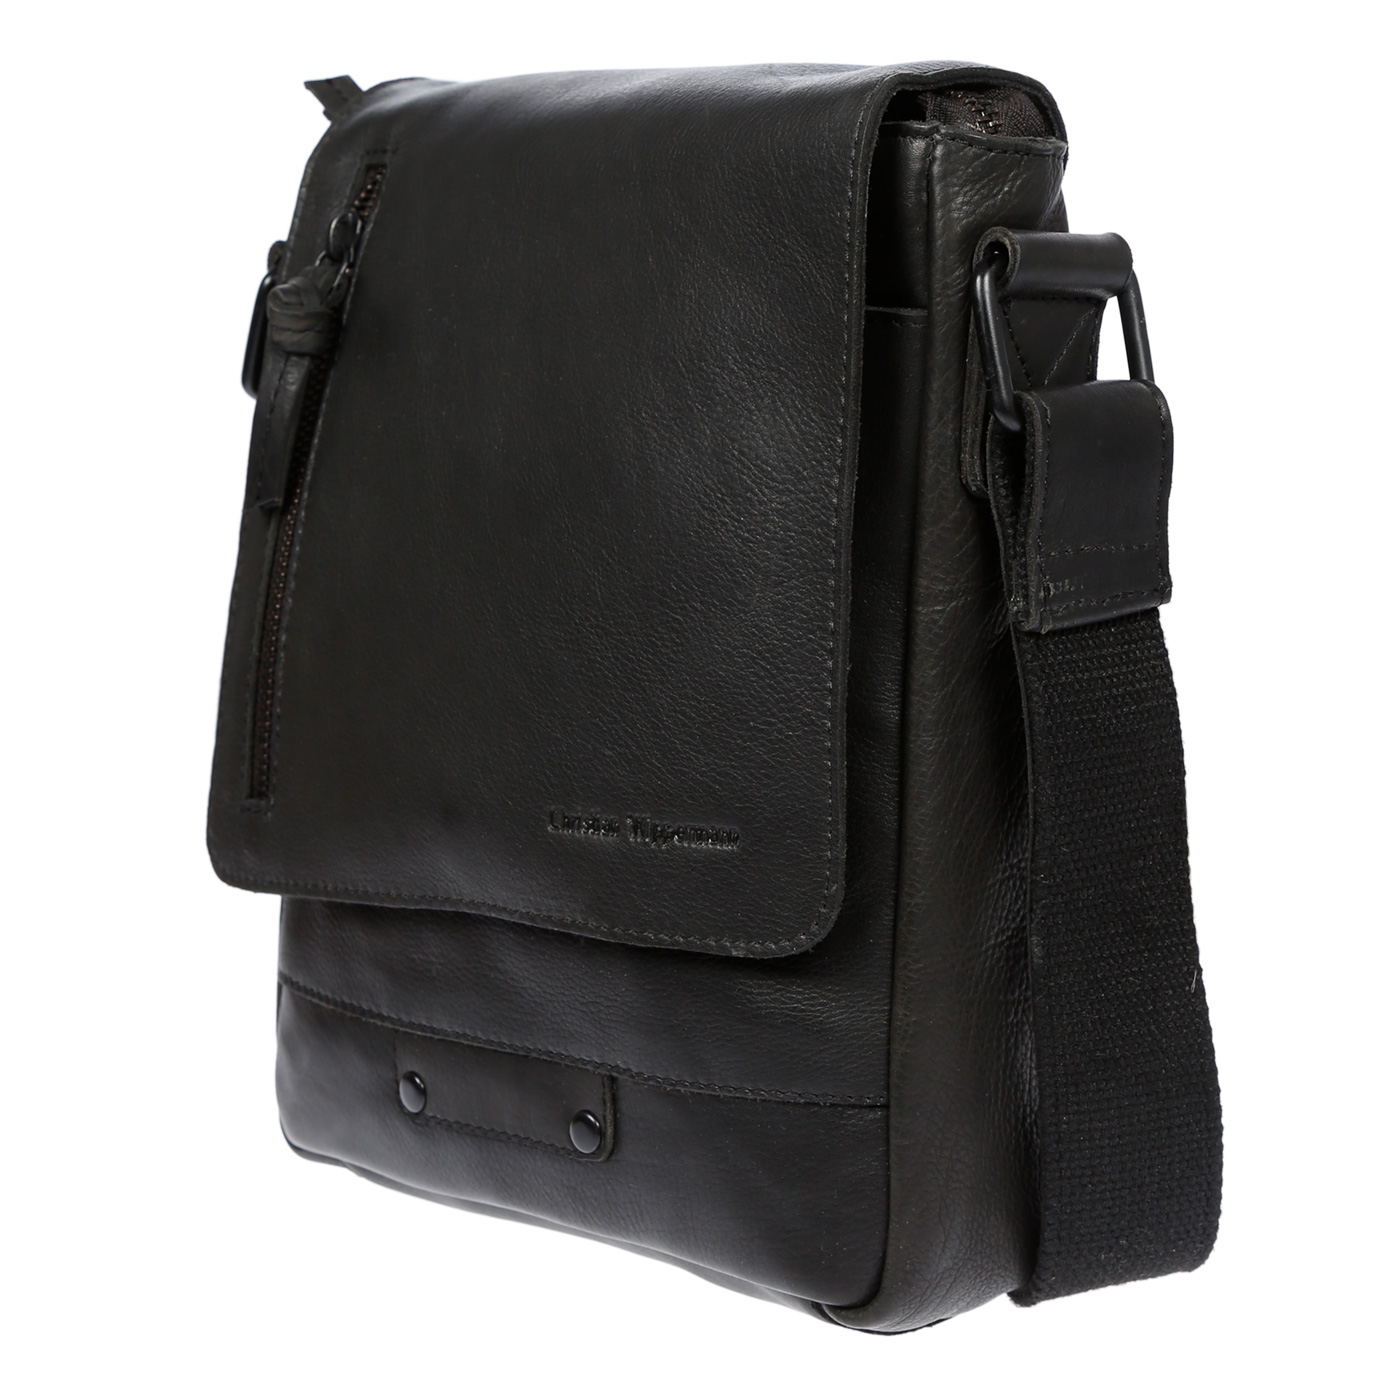 Echt-Leder-Herren-Damen-Umhaengetasche-Tasche-RFID-Schutz-Schultertasche-Umhaenger Indexbild 15